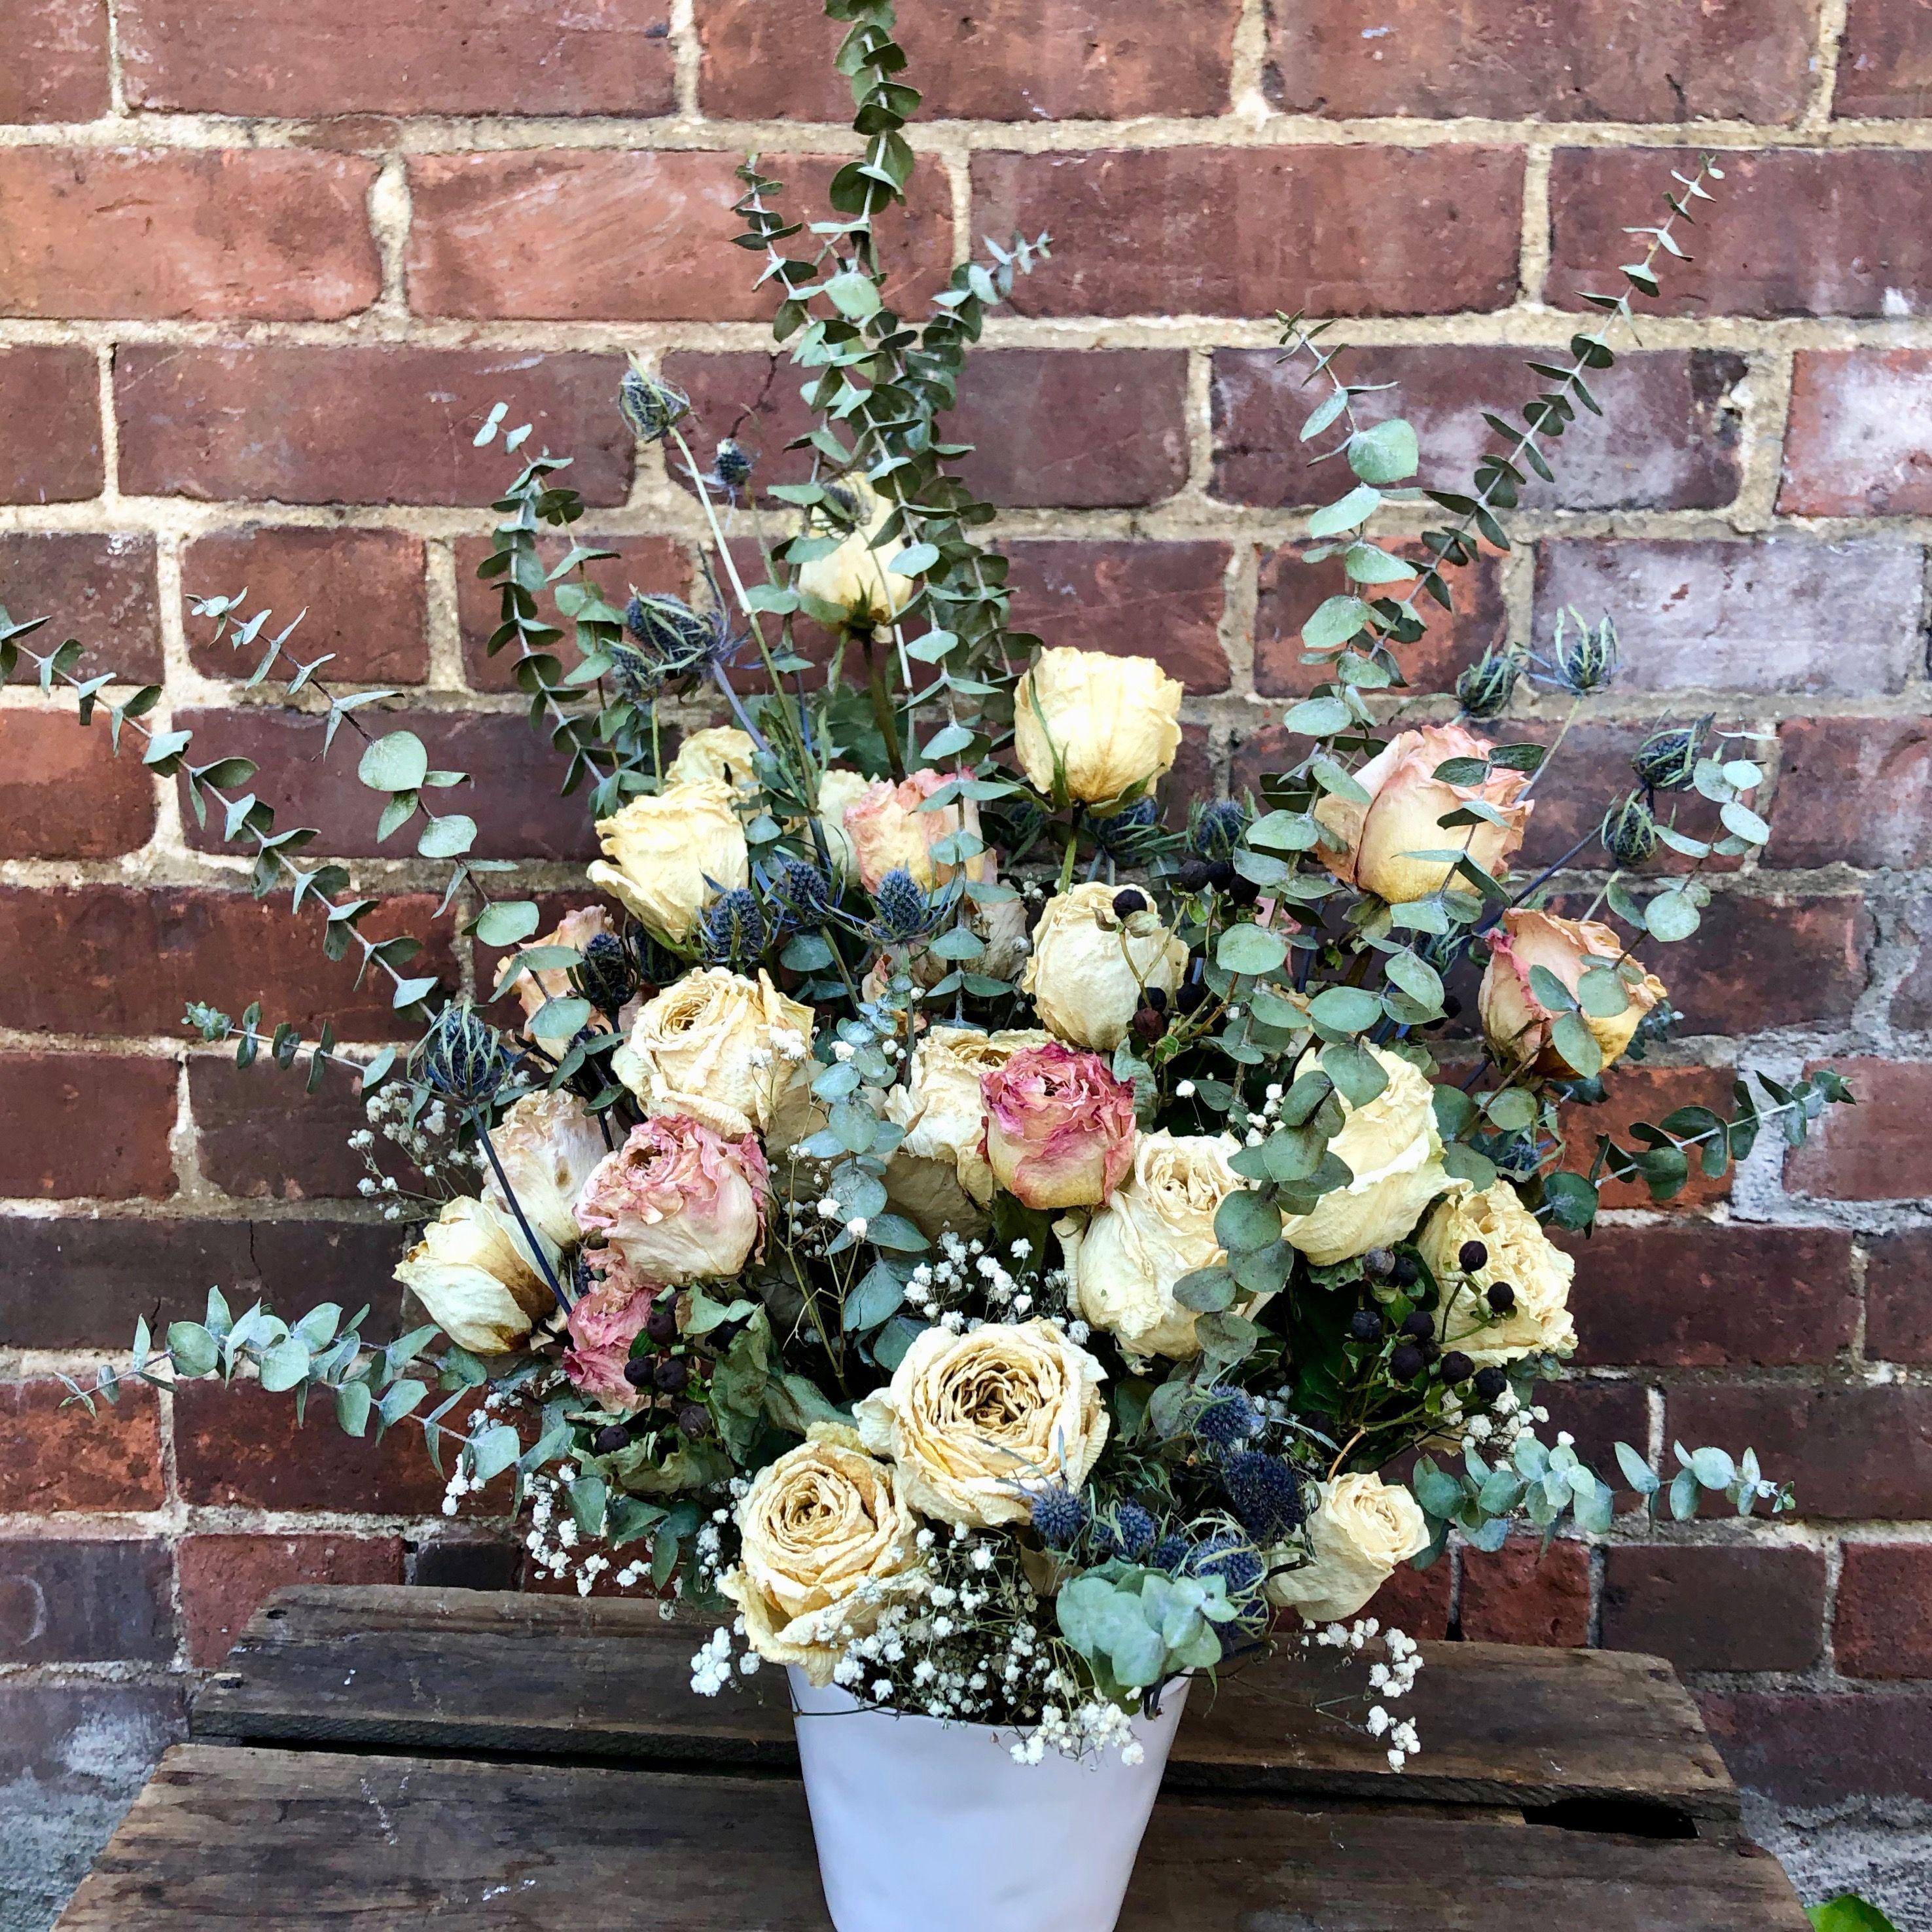 Delicate Dried Flowers In Vase Wilbe Bloomin Kensington Market S Flower Emporium Toronto Ontario